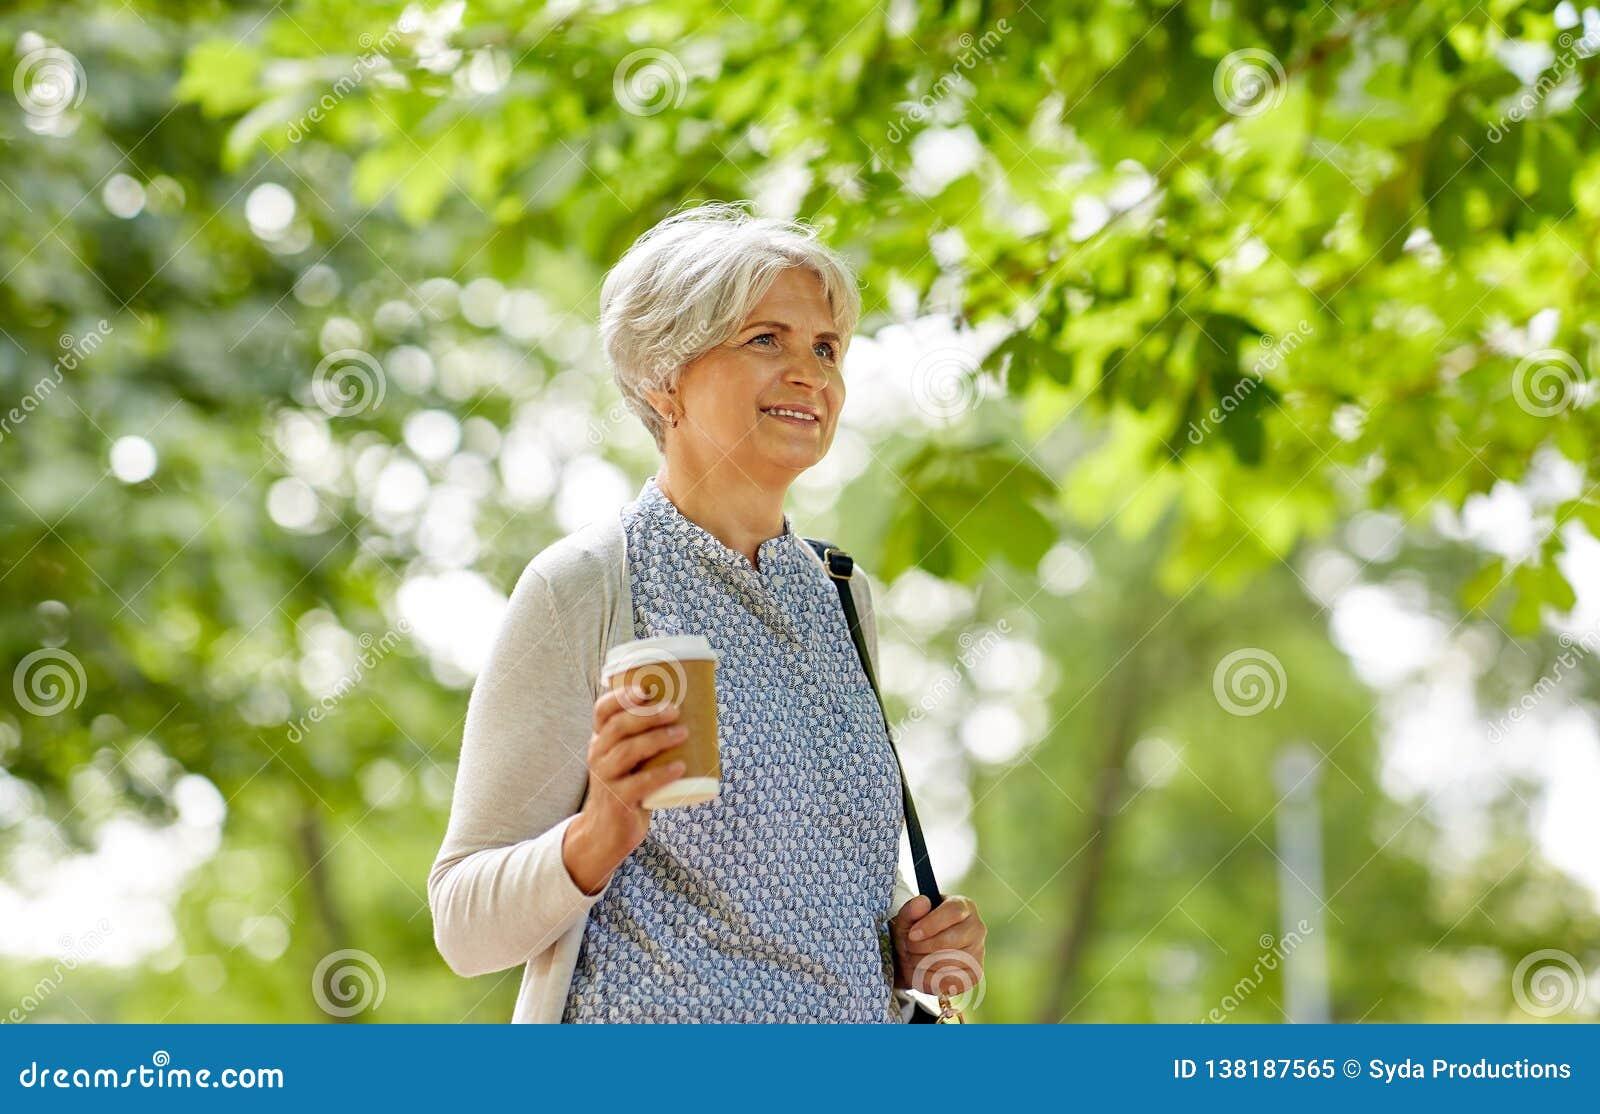 Texas Japanese Senior Singles Online Dating Website